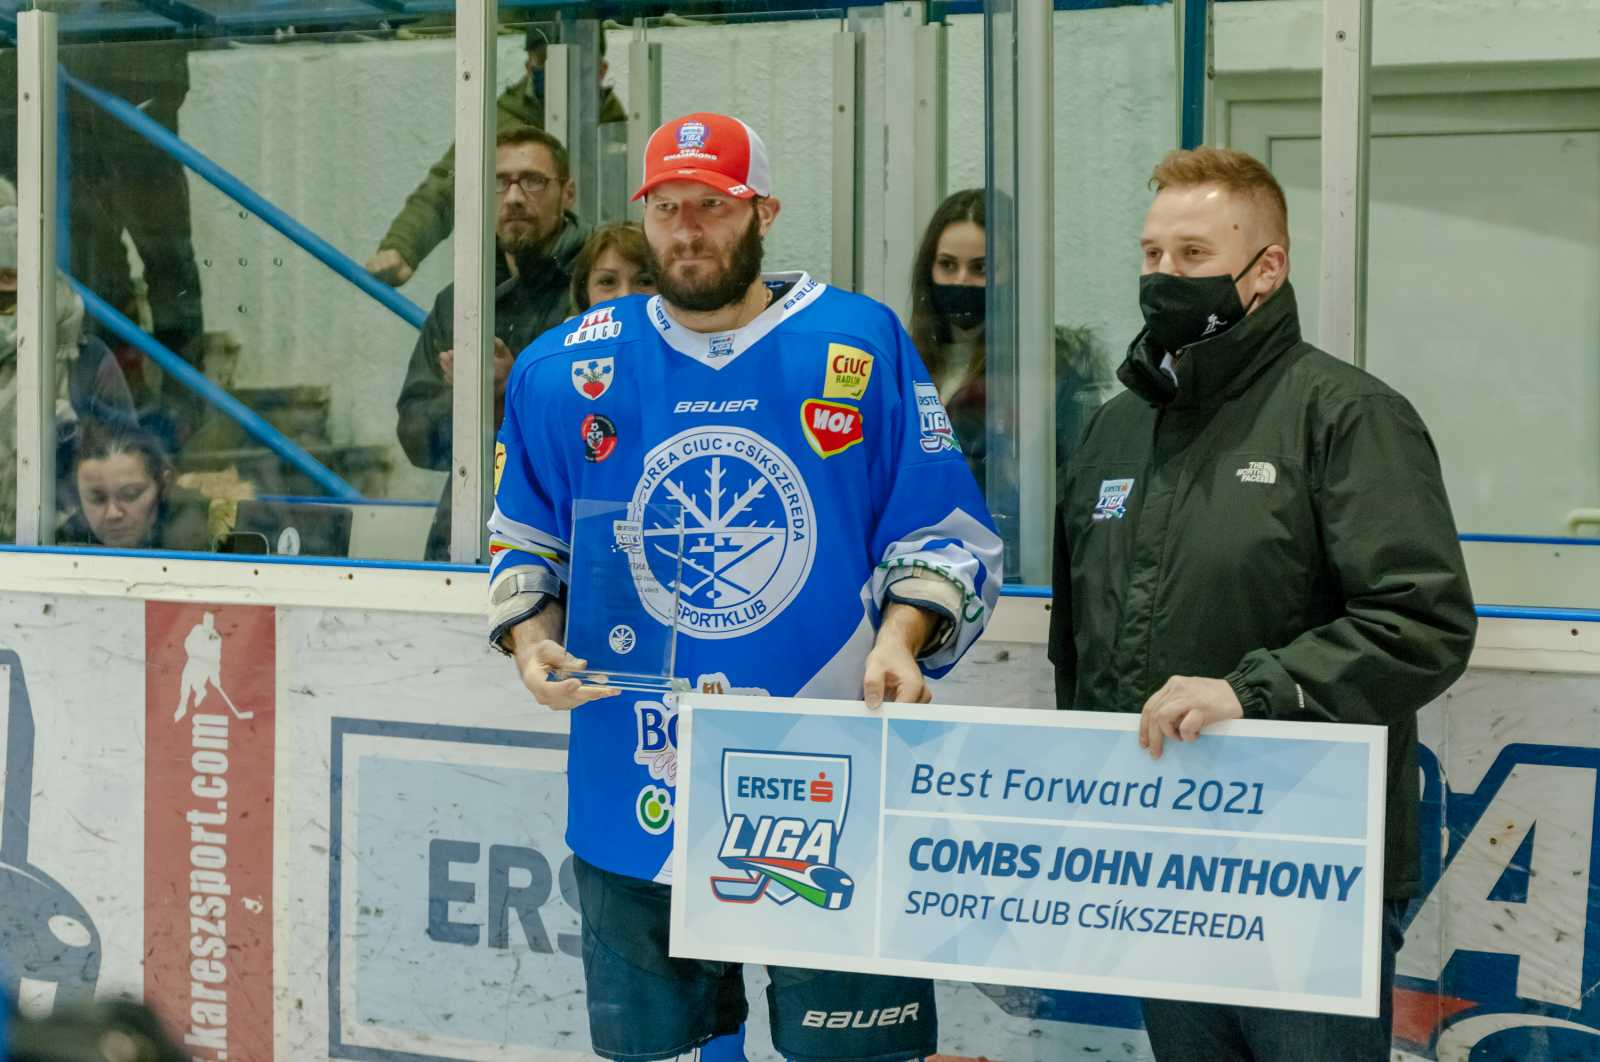 A legjobb csatár díját a rájátszás gólrekordját megdöntő John Antony Combs kapta.